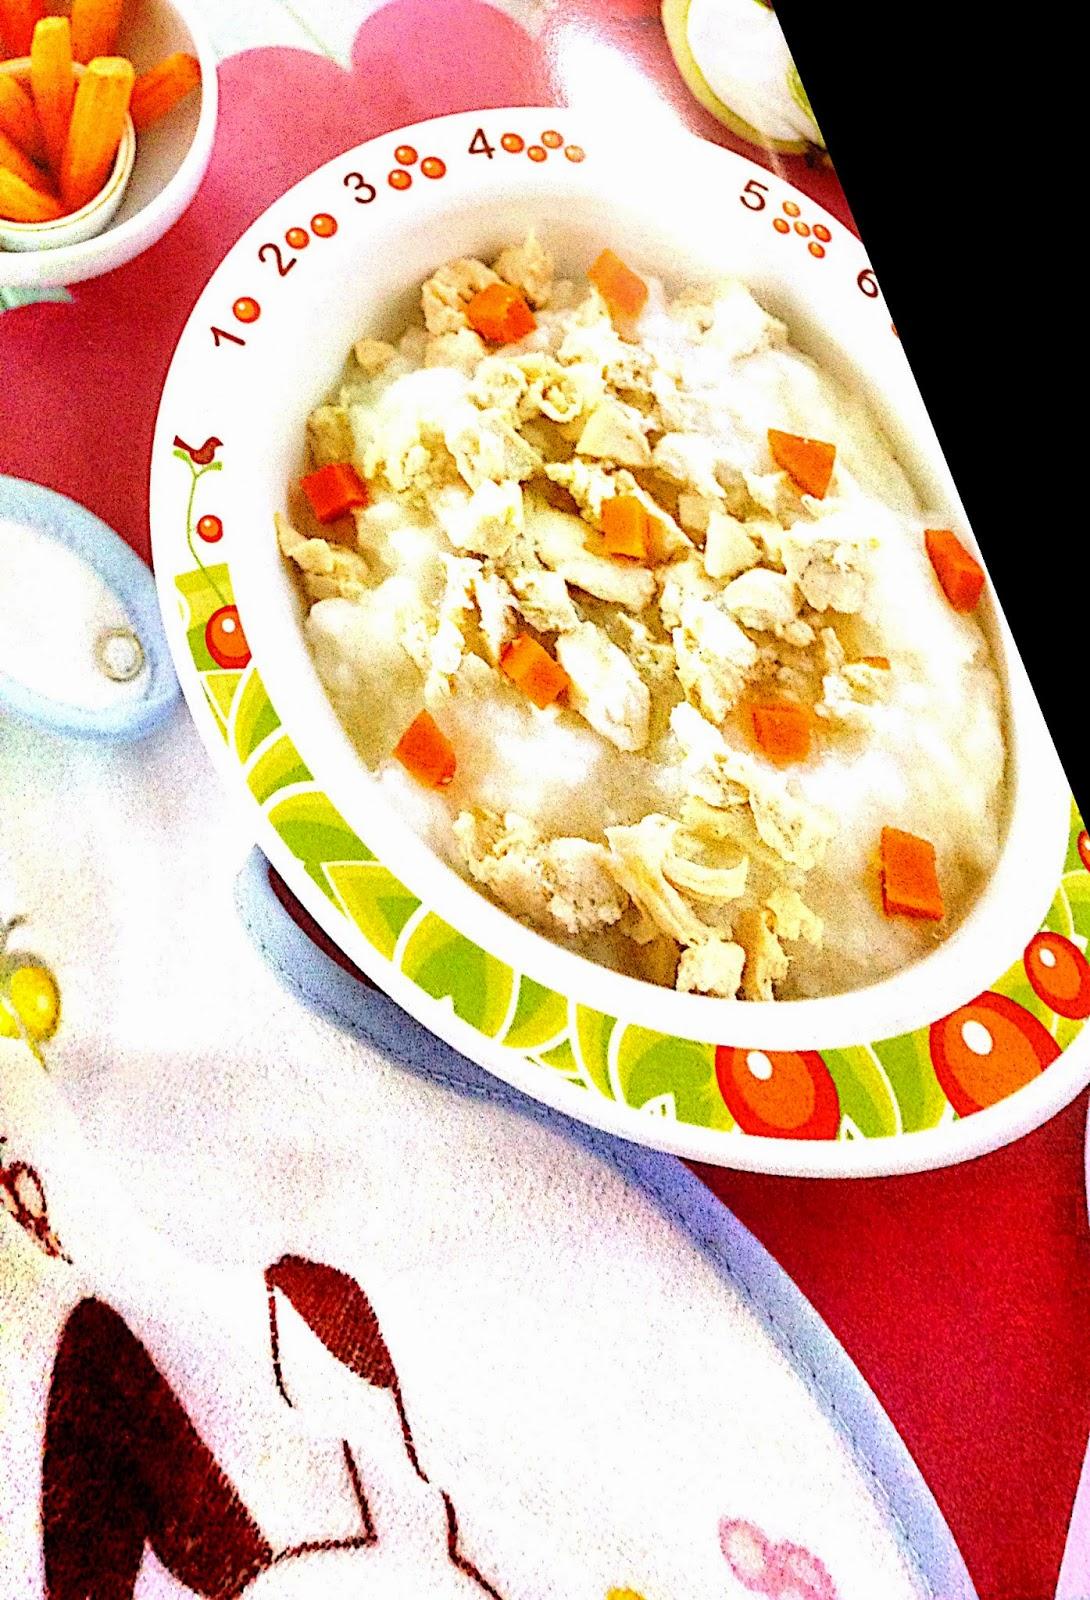 Resepi Bubur Nasi Tanpa Kiub Ayam - Surasmi Y